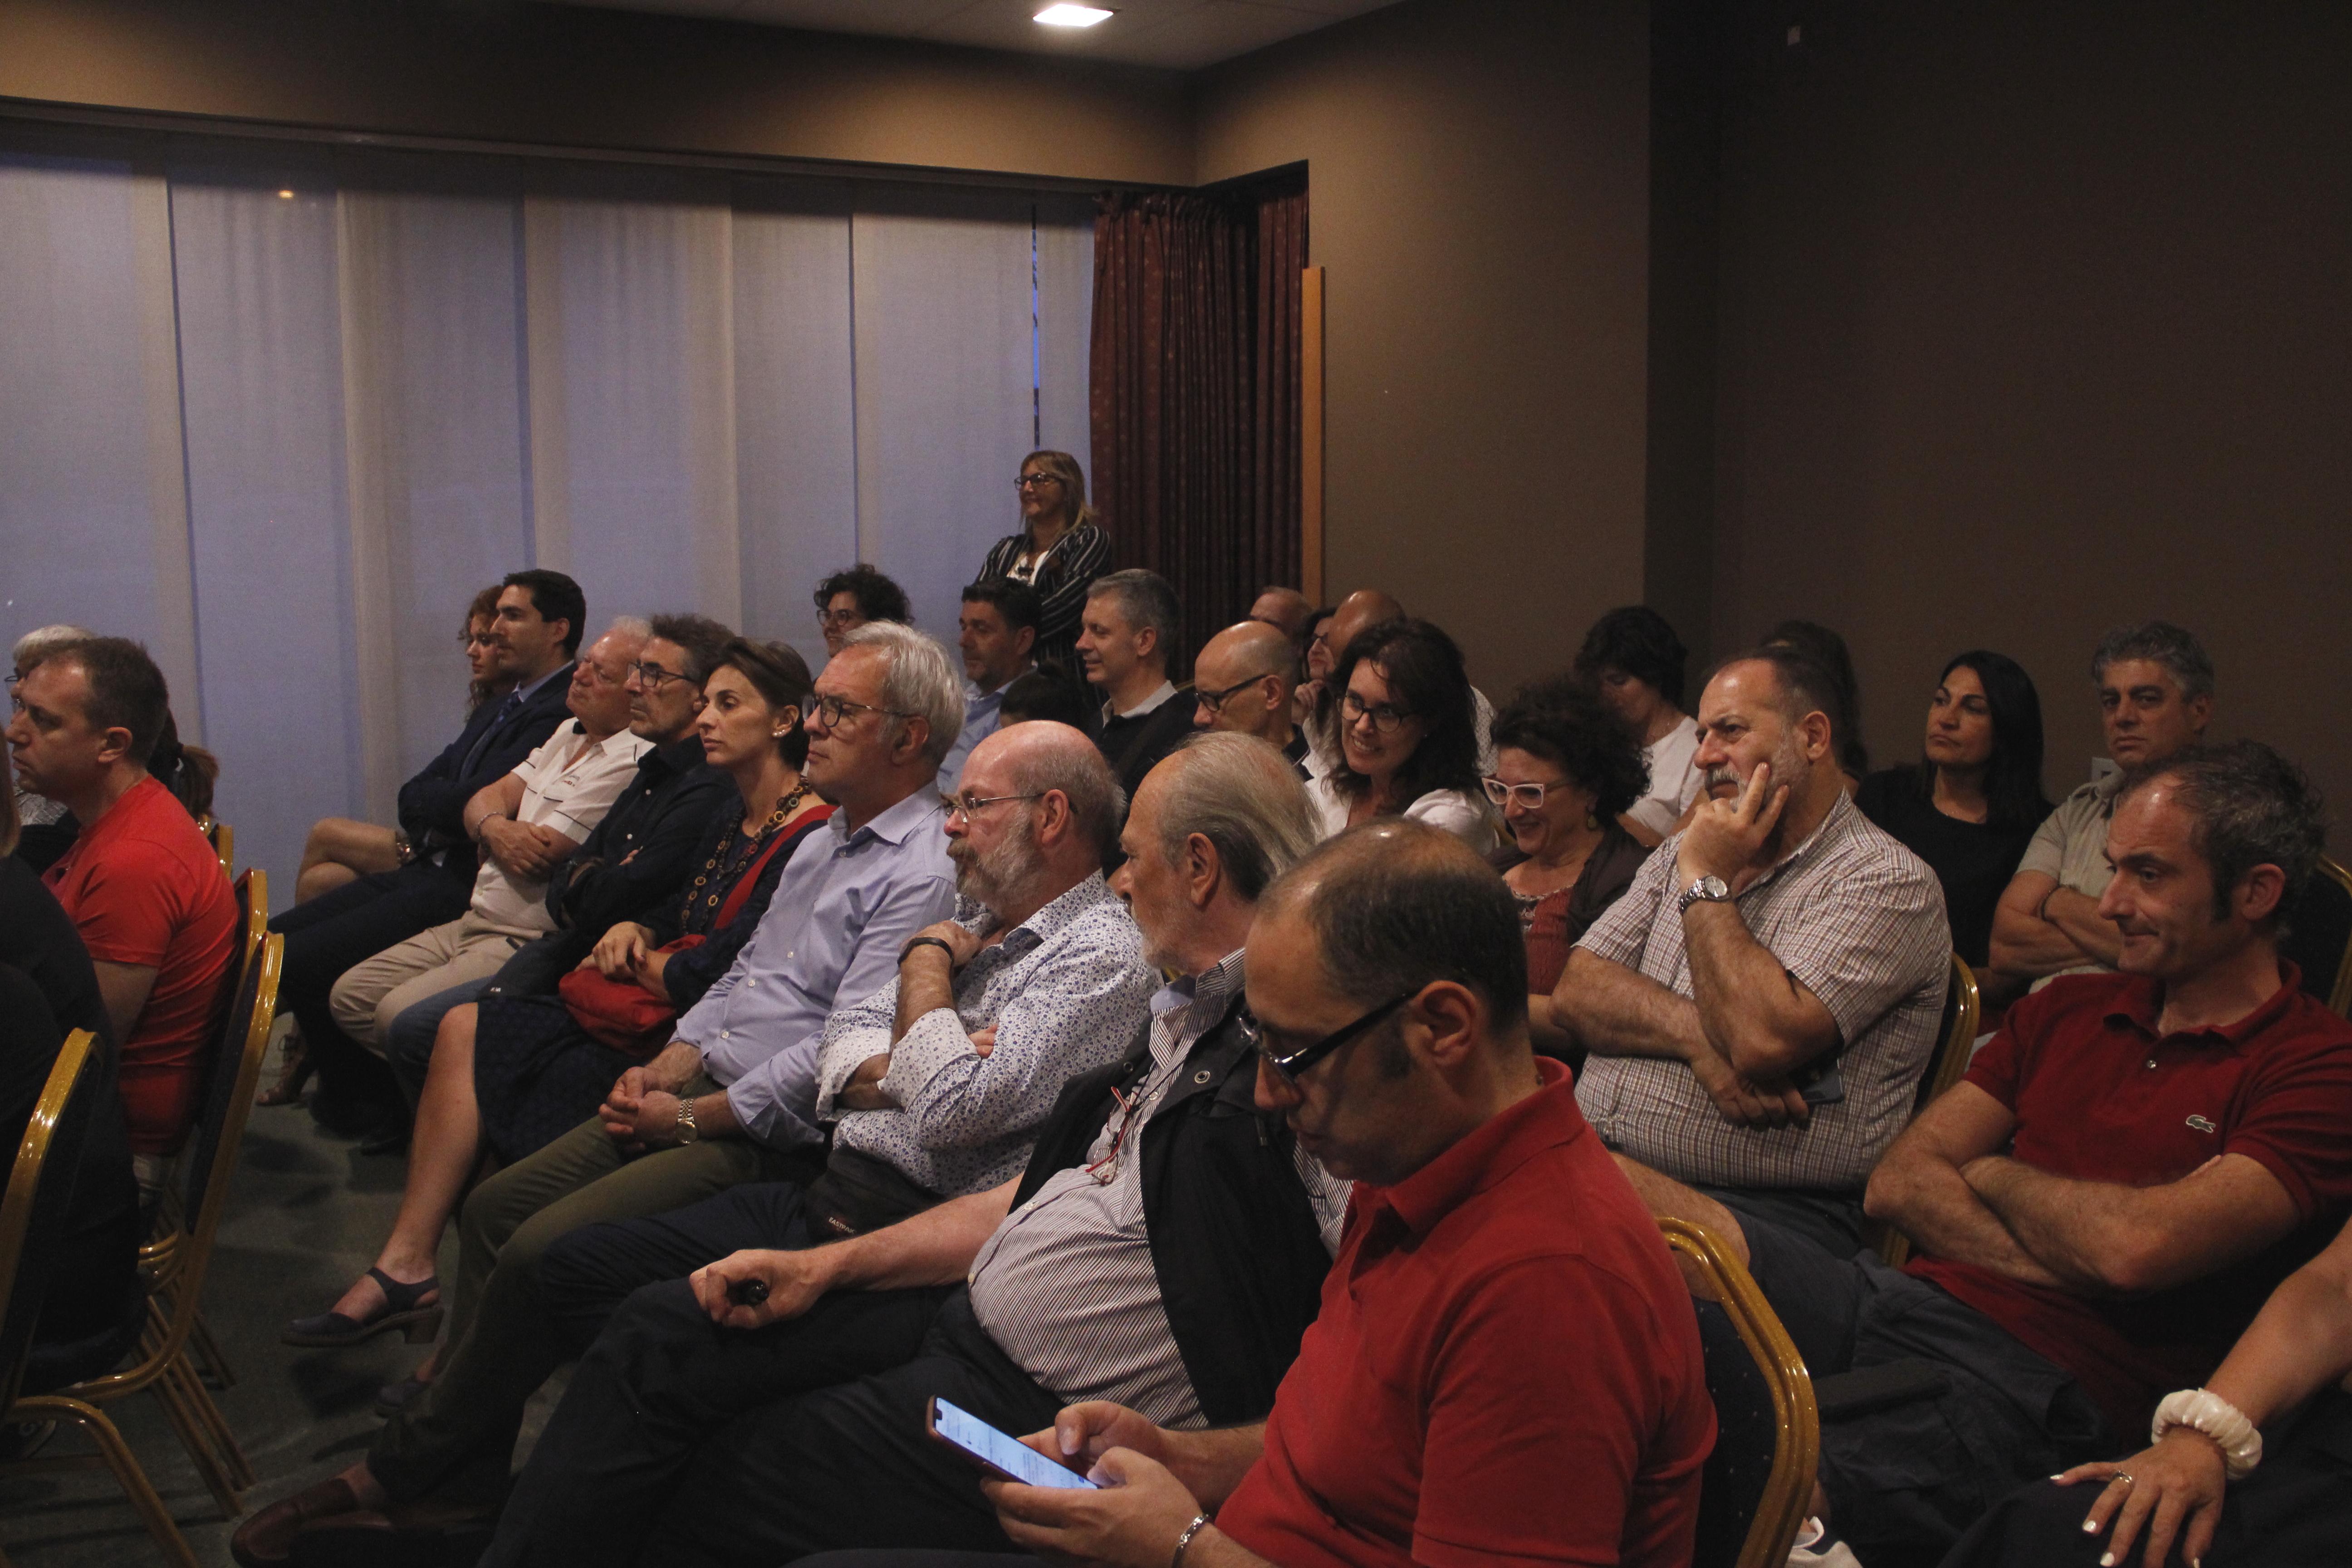 @VareseNews__OBIETTIVO SARONNO PARTE IN ANTICIPO E SI PRESENTA AI SARONNESI.